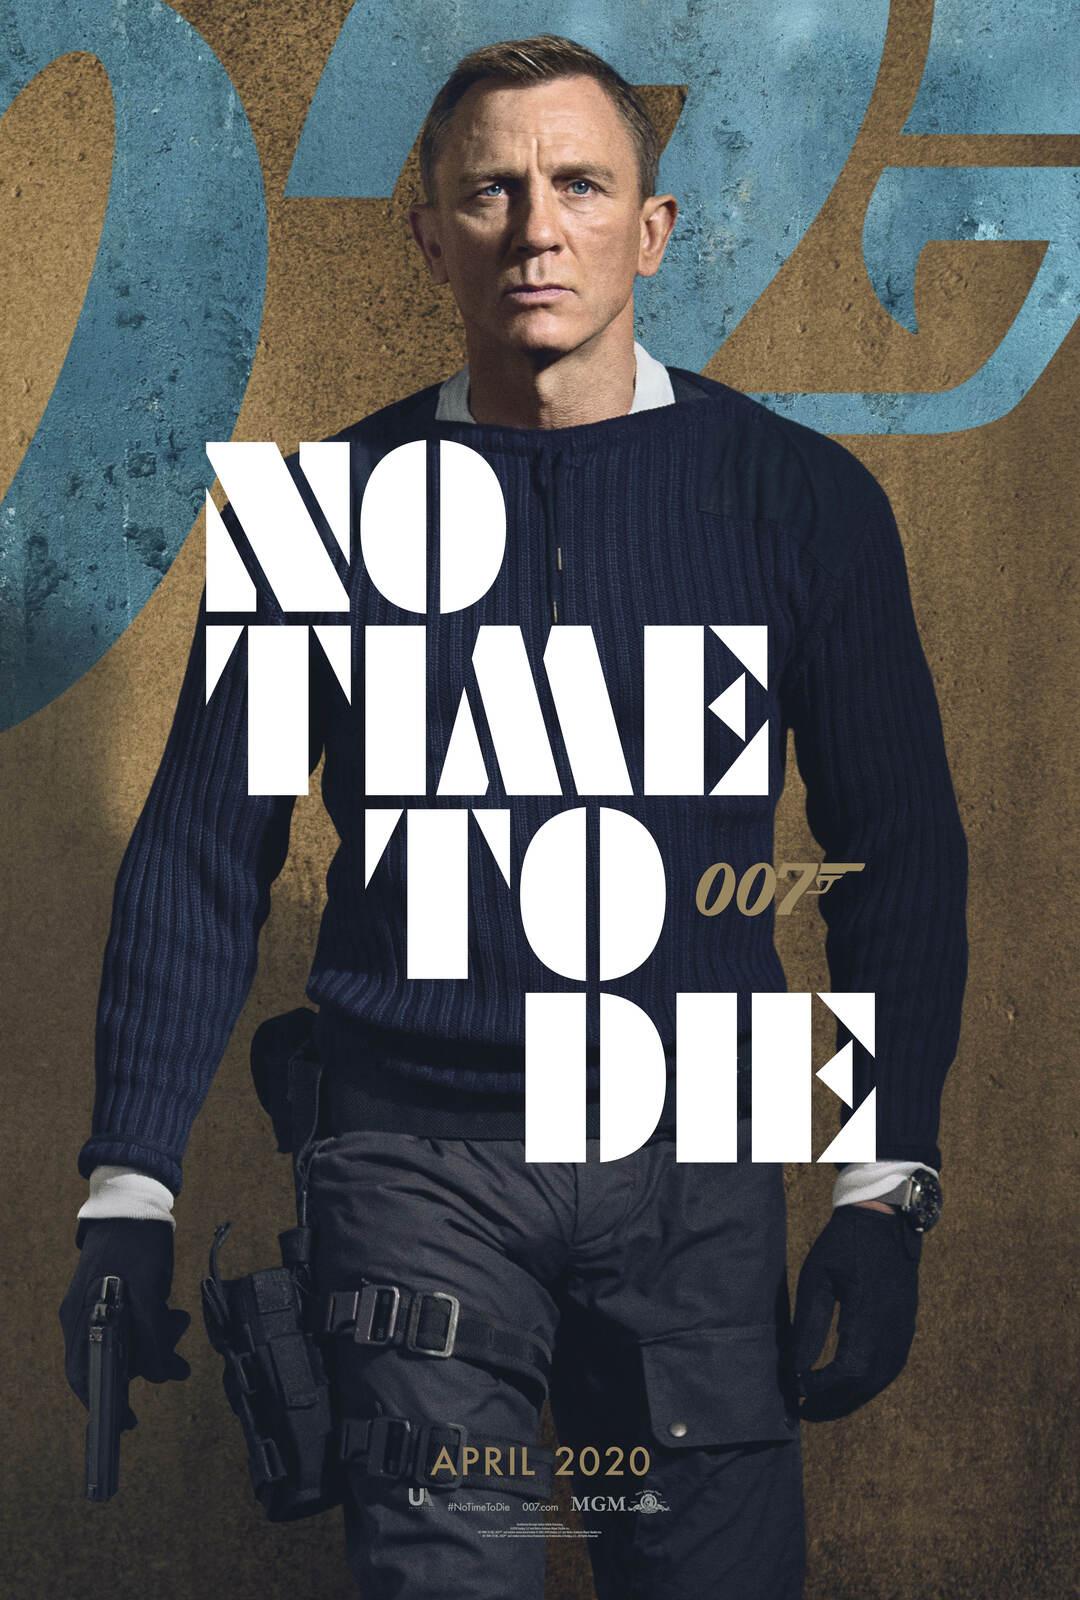 James Bond 007: Keine Zeit Zu Sterben - Bild 4 von 16